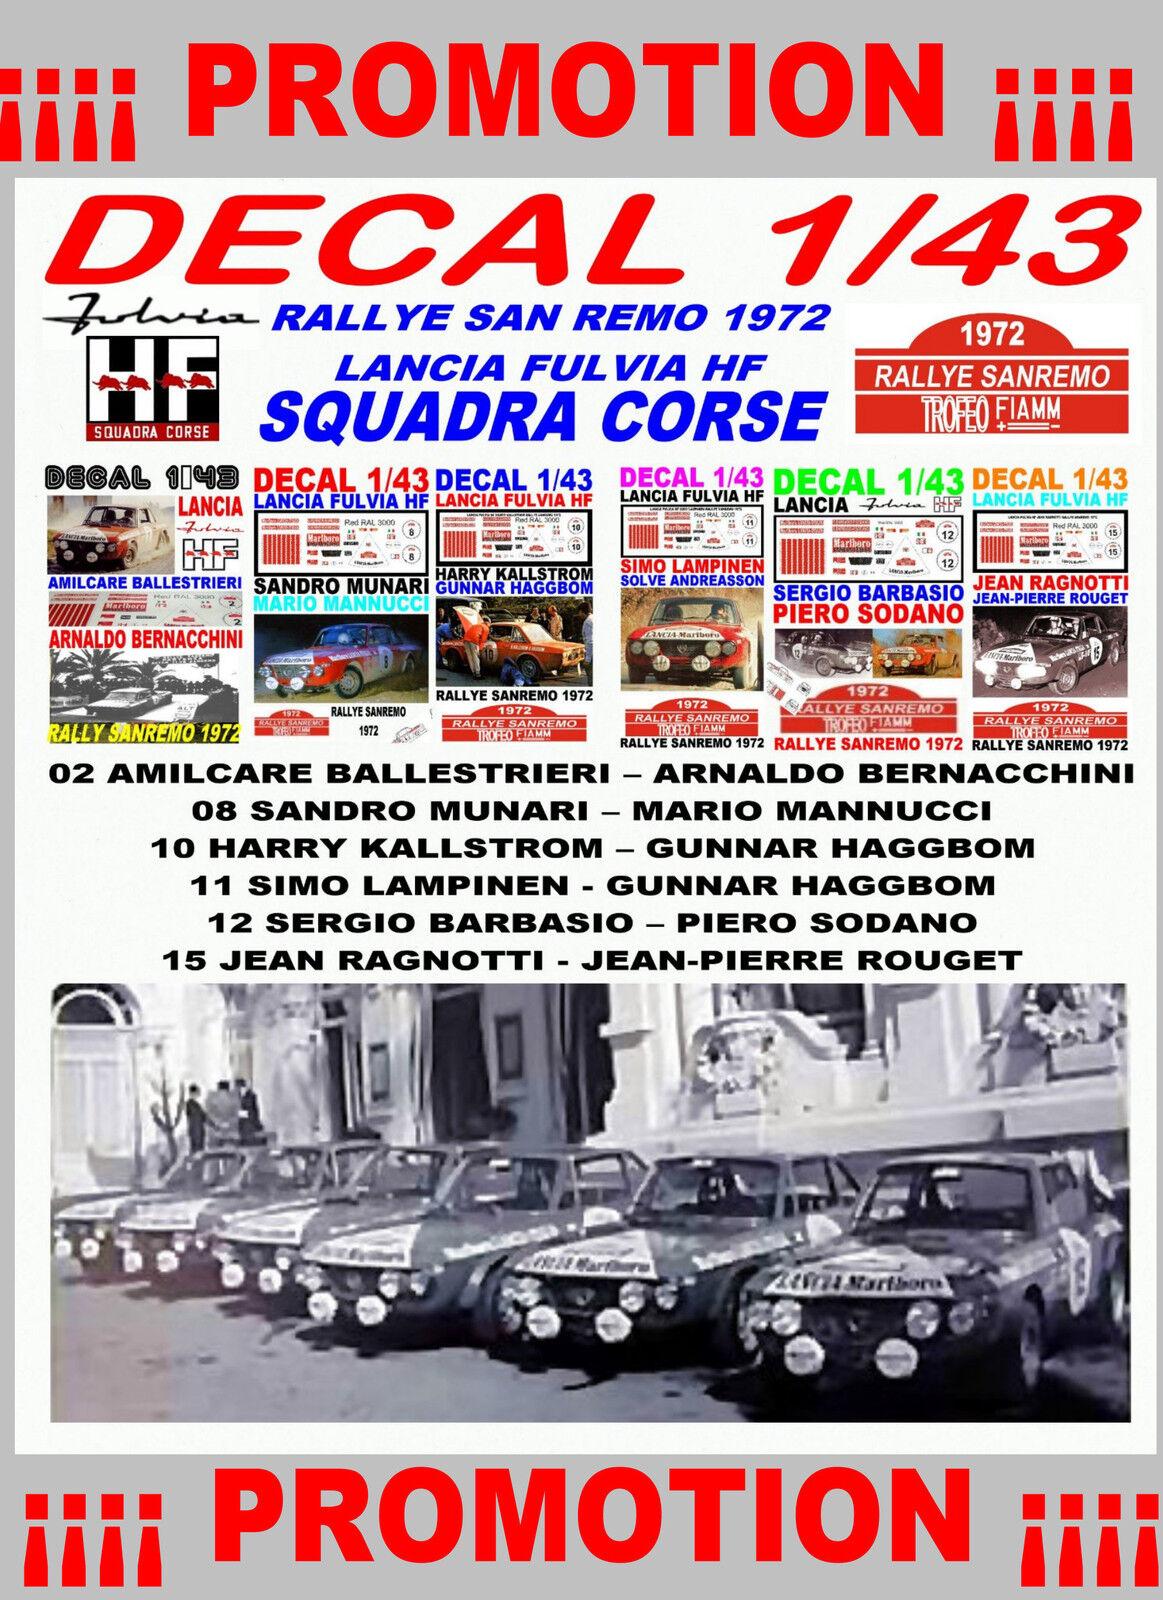 DECAL 1 43 SET RALLYE SAN REMO 1972 LANCIA FULVIA HF LANCIA TEAM (02)